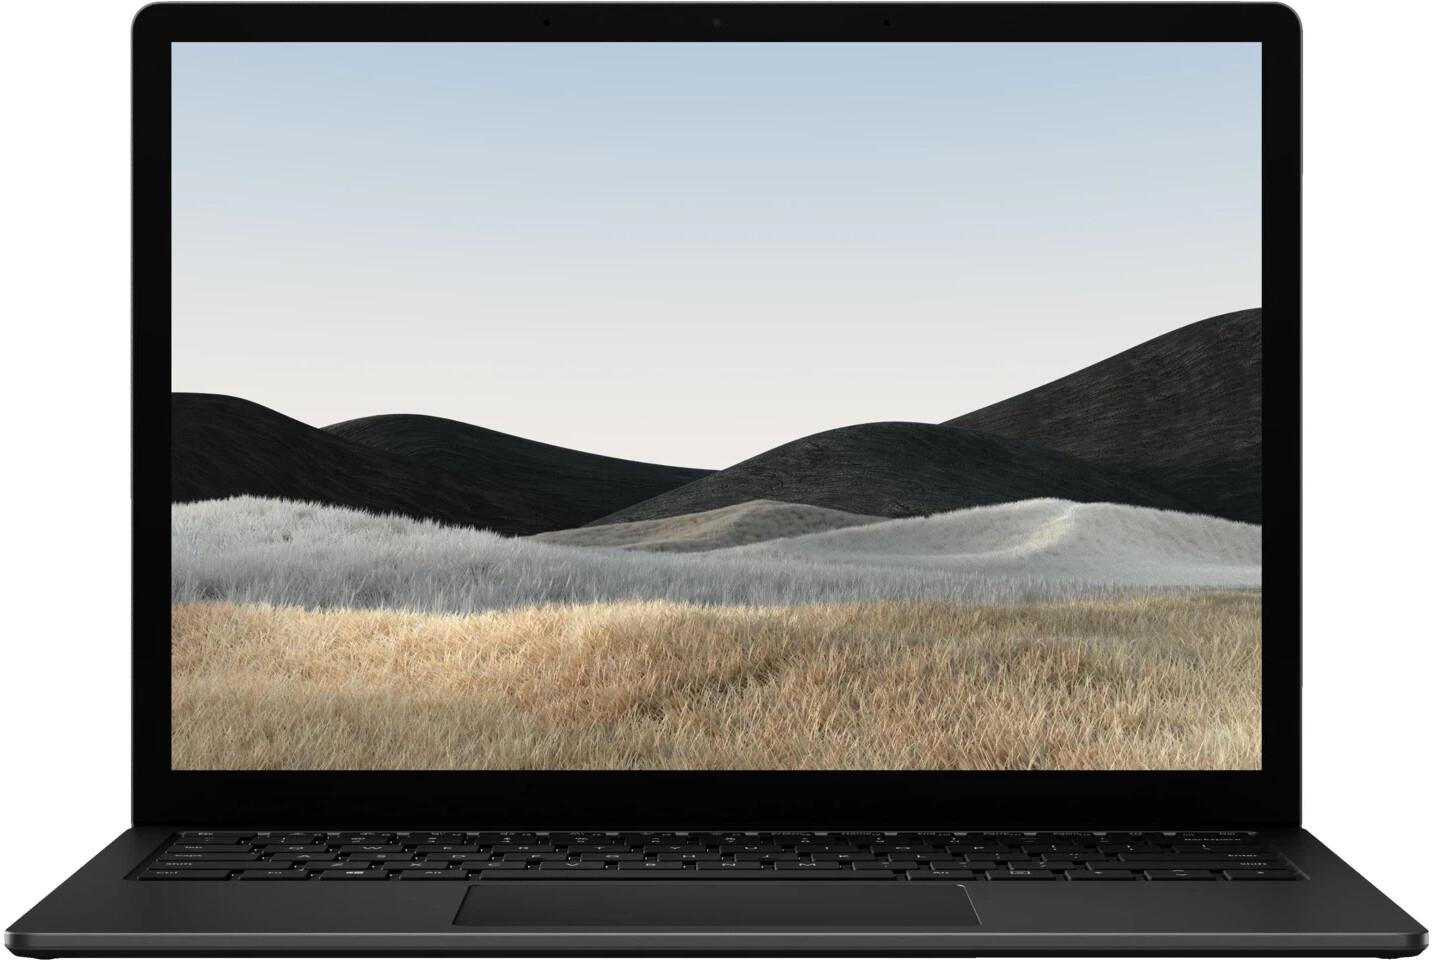 """NBB-Wochenangebote [24/21]: z.B. Microsoft Surface Laptop 4 13.5"""" schwarz (2256x1504, Touch, IPS, i5-1145G7, 8/512GB, USB-C, Win10, 1.31kg)"""